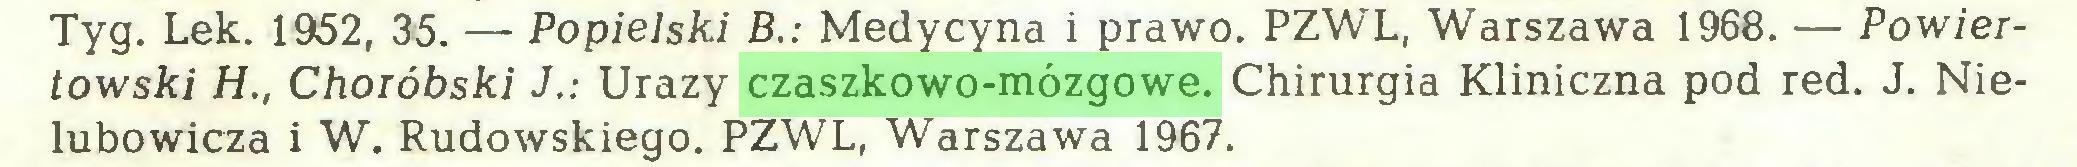 (...) Tyg. Lek. 1952, 35. — Popielski B.: Medycyna i prawo. PZWL, Warszawa 1968. — Powiertowski H., Choióbski J.: Urazy czaszkowo-mózgowe. Chirurgia Kliniczna pod red. J. Nielubowicza i W. Rudowskiego. PZWL, Warszawa 1967...